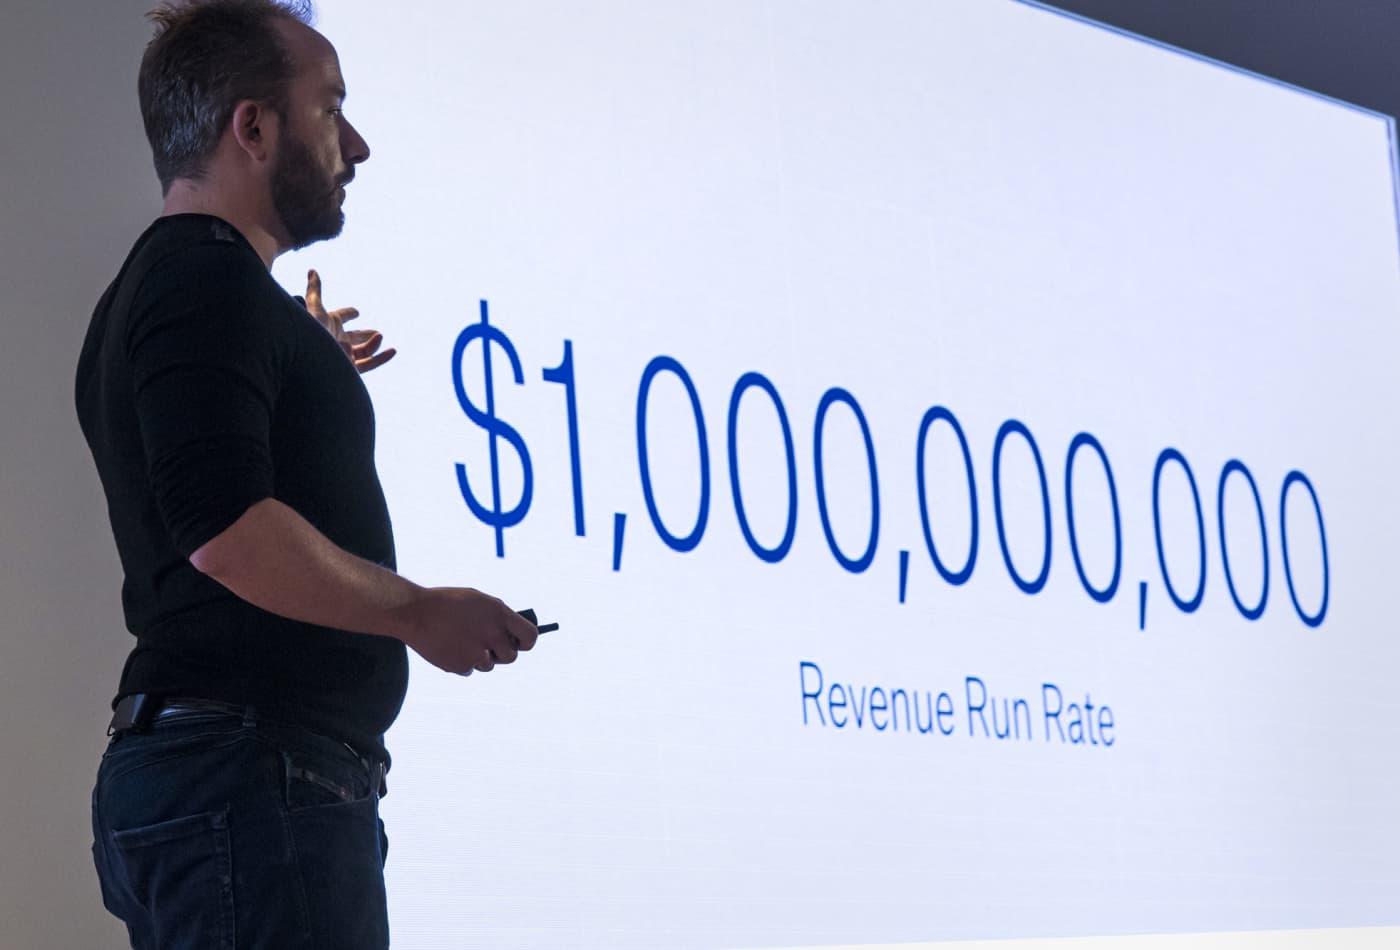 Dropbox files to go public with over $1.1 billion in annual revenue